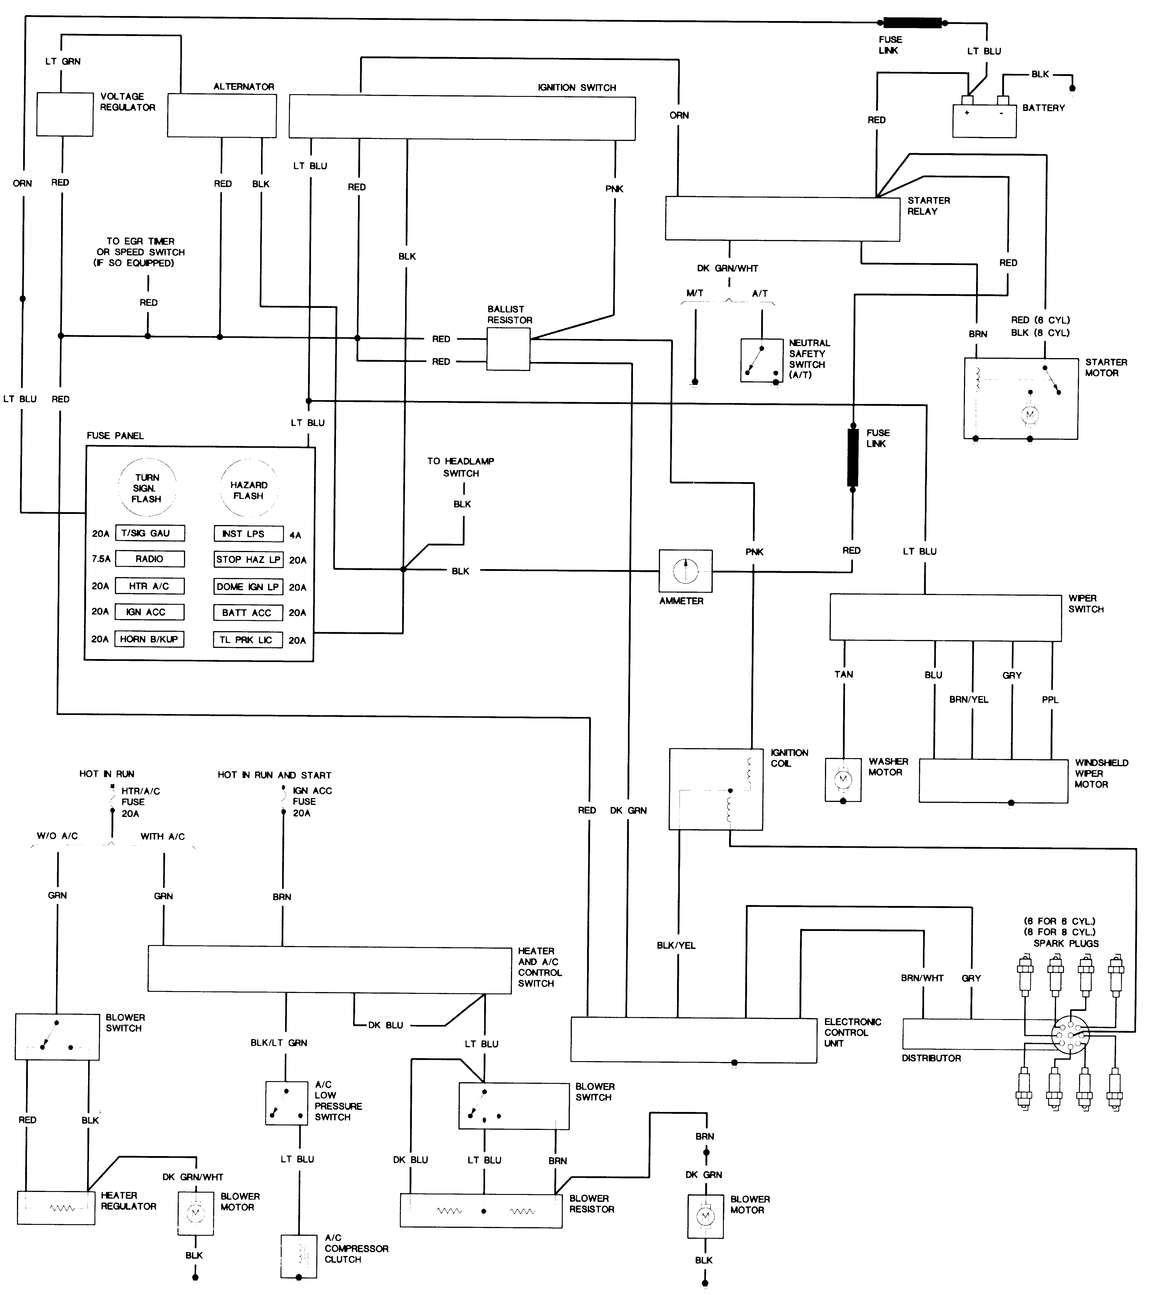 Wiring Diagram Cars Trucks Wiring Diagram Cars Trucks Truck Horn Wiring Wiring Diagrams Dodge Truck Truck Engine Repair Guide